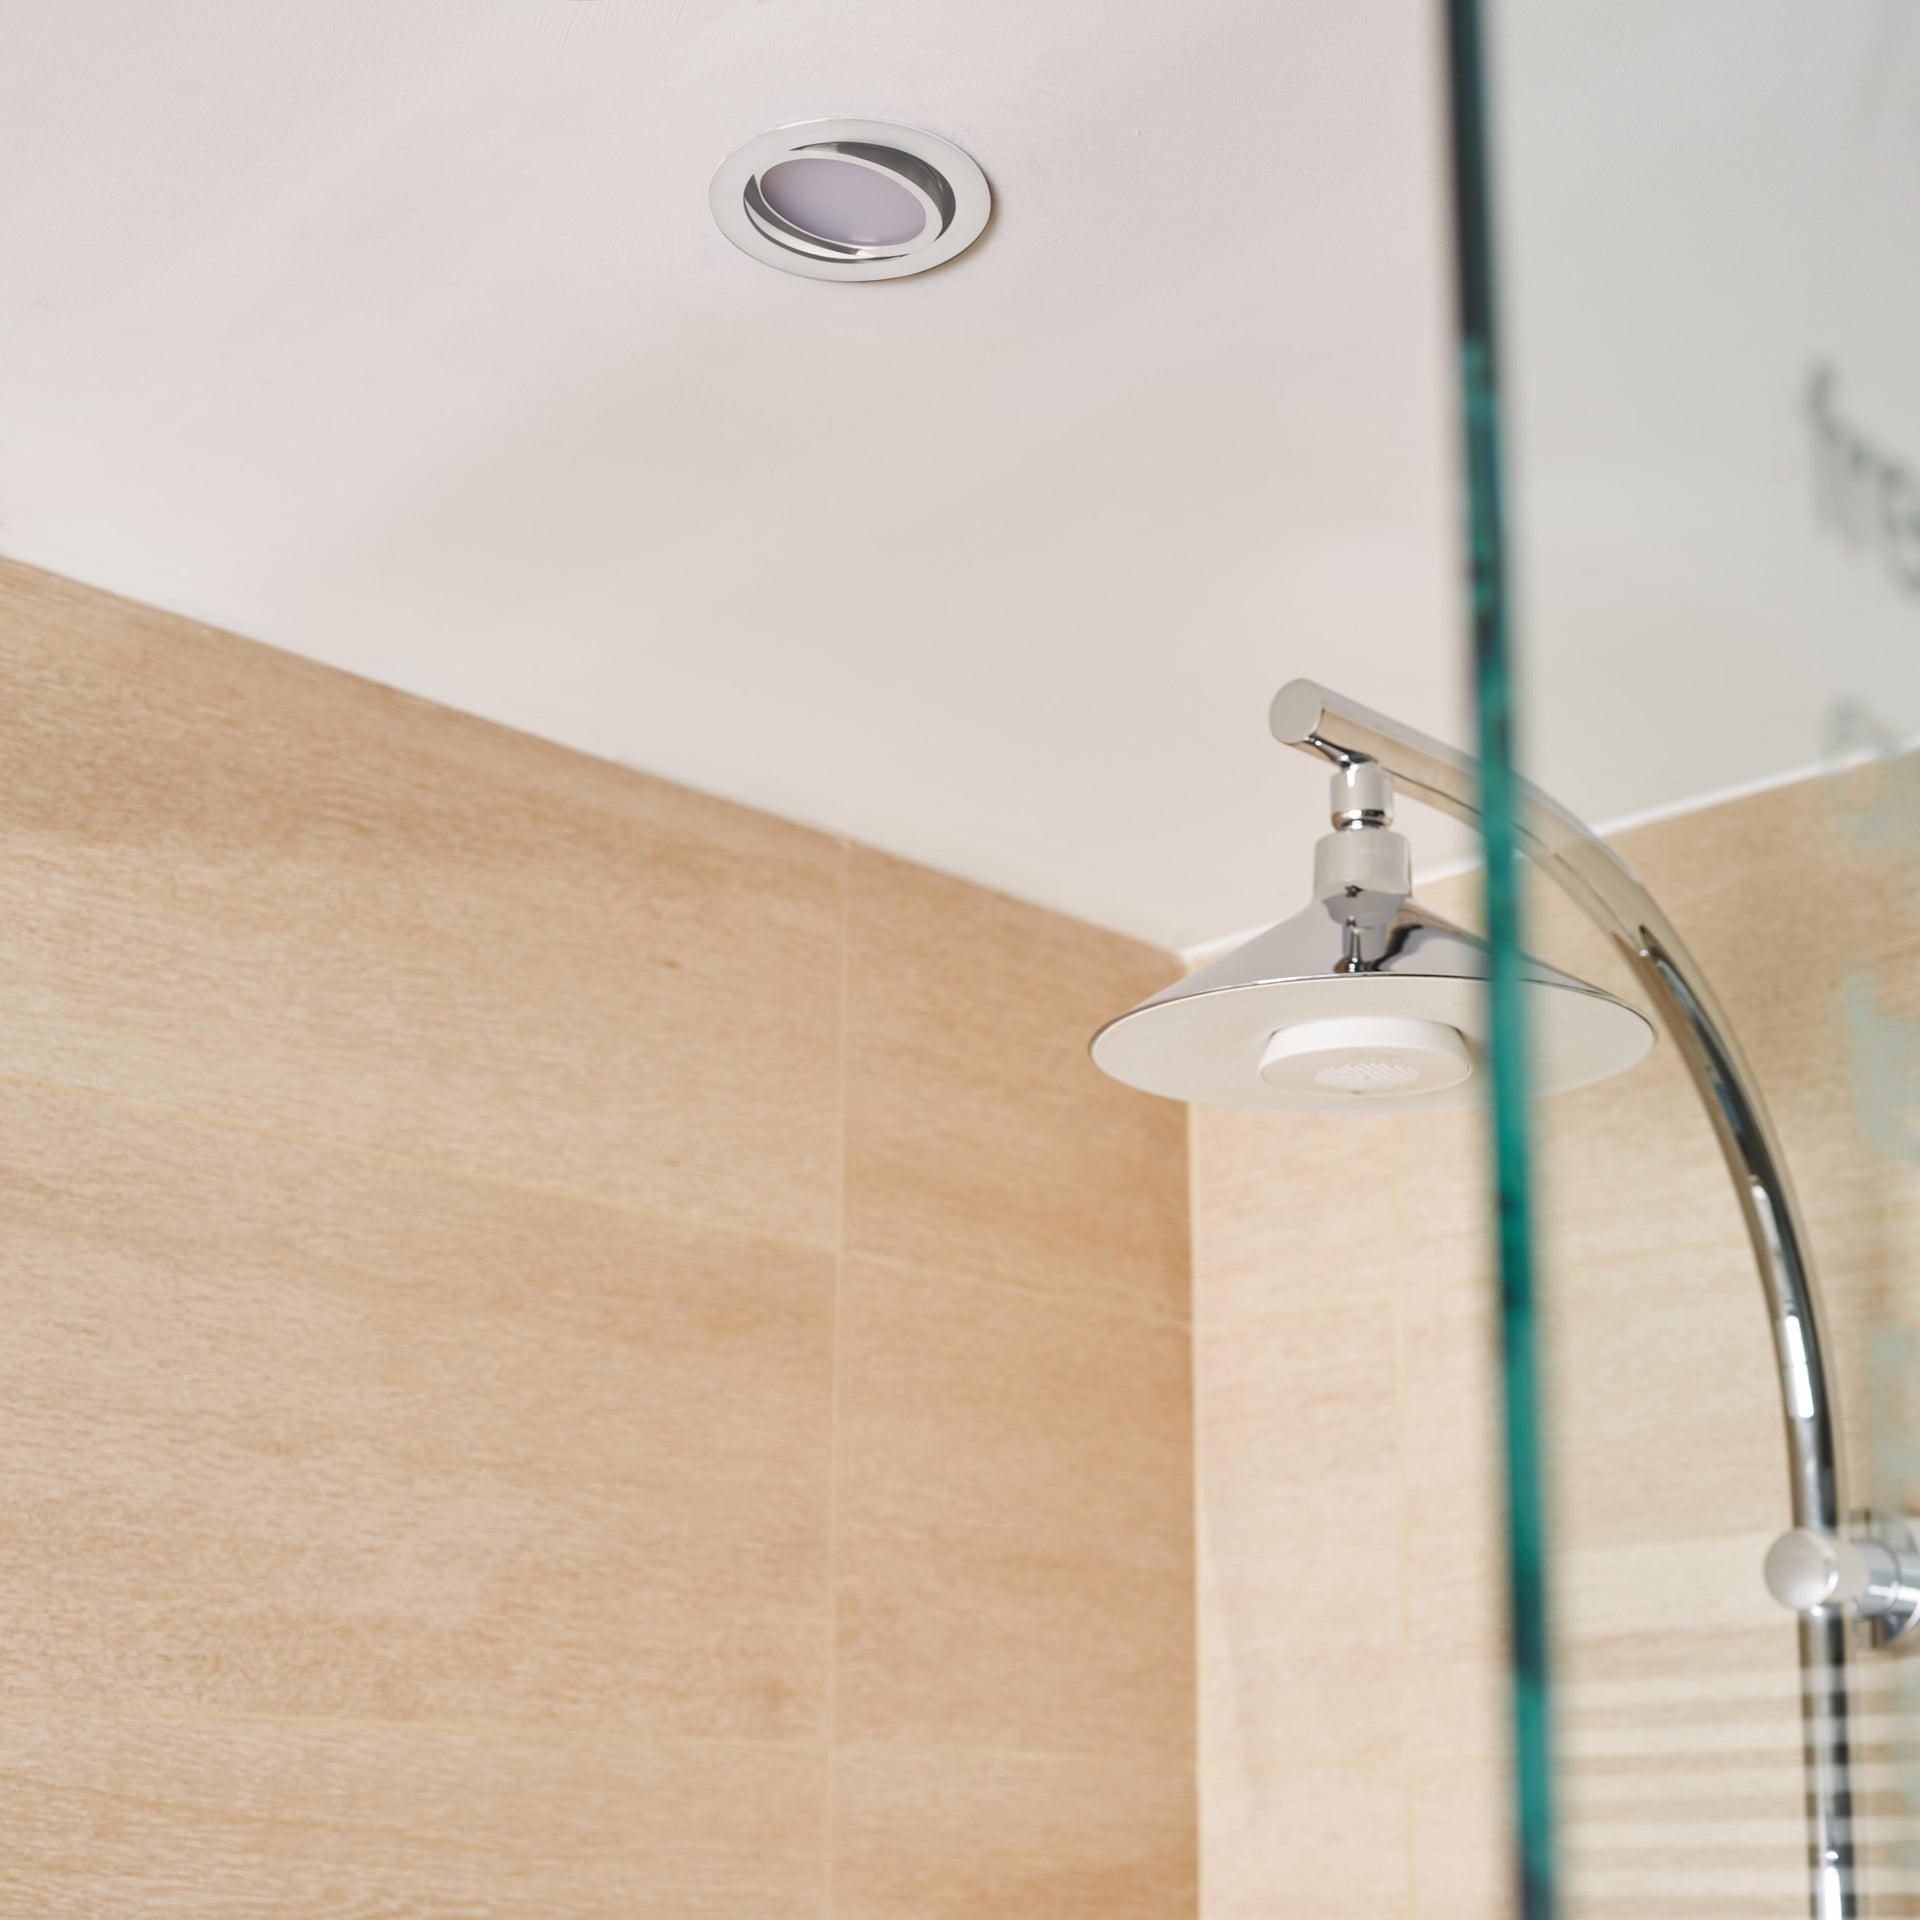 Faretto orientabile da incasso tondo Lindi in Alluminio bianco, diam. 9 cm LED integrato 500LM IP65 INSPIRE - 6